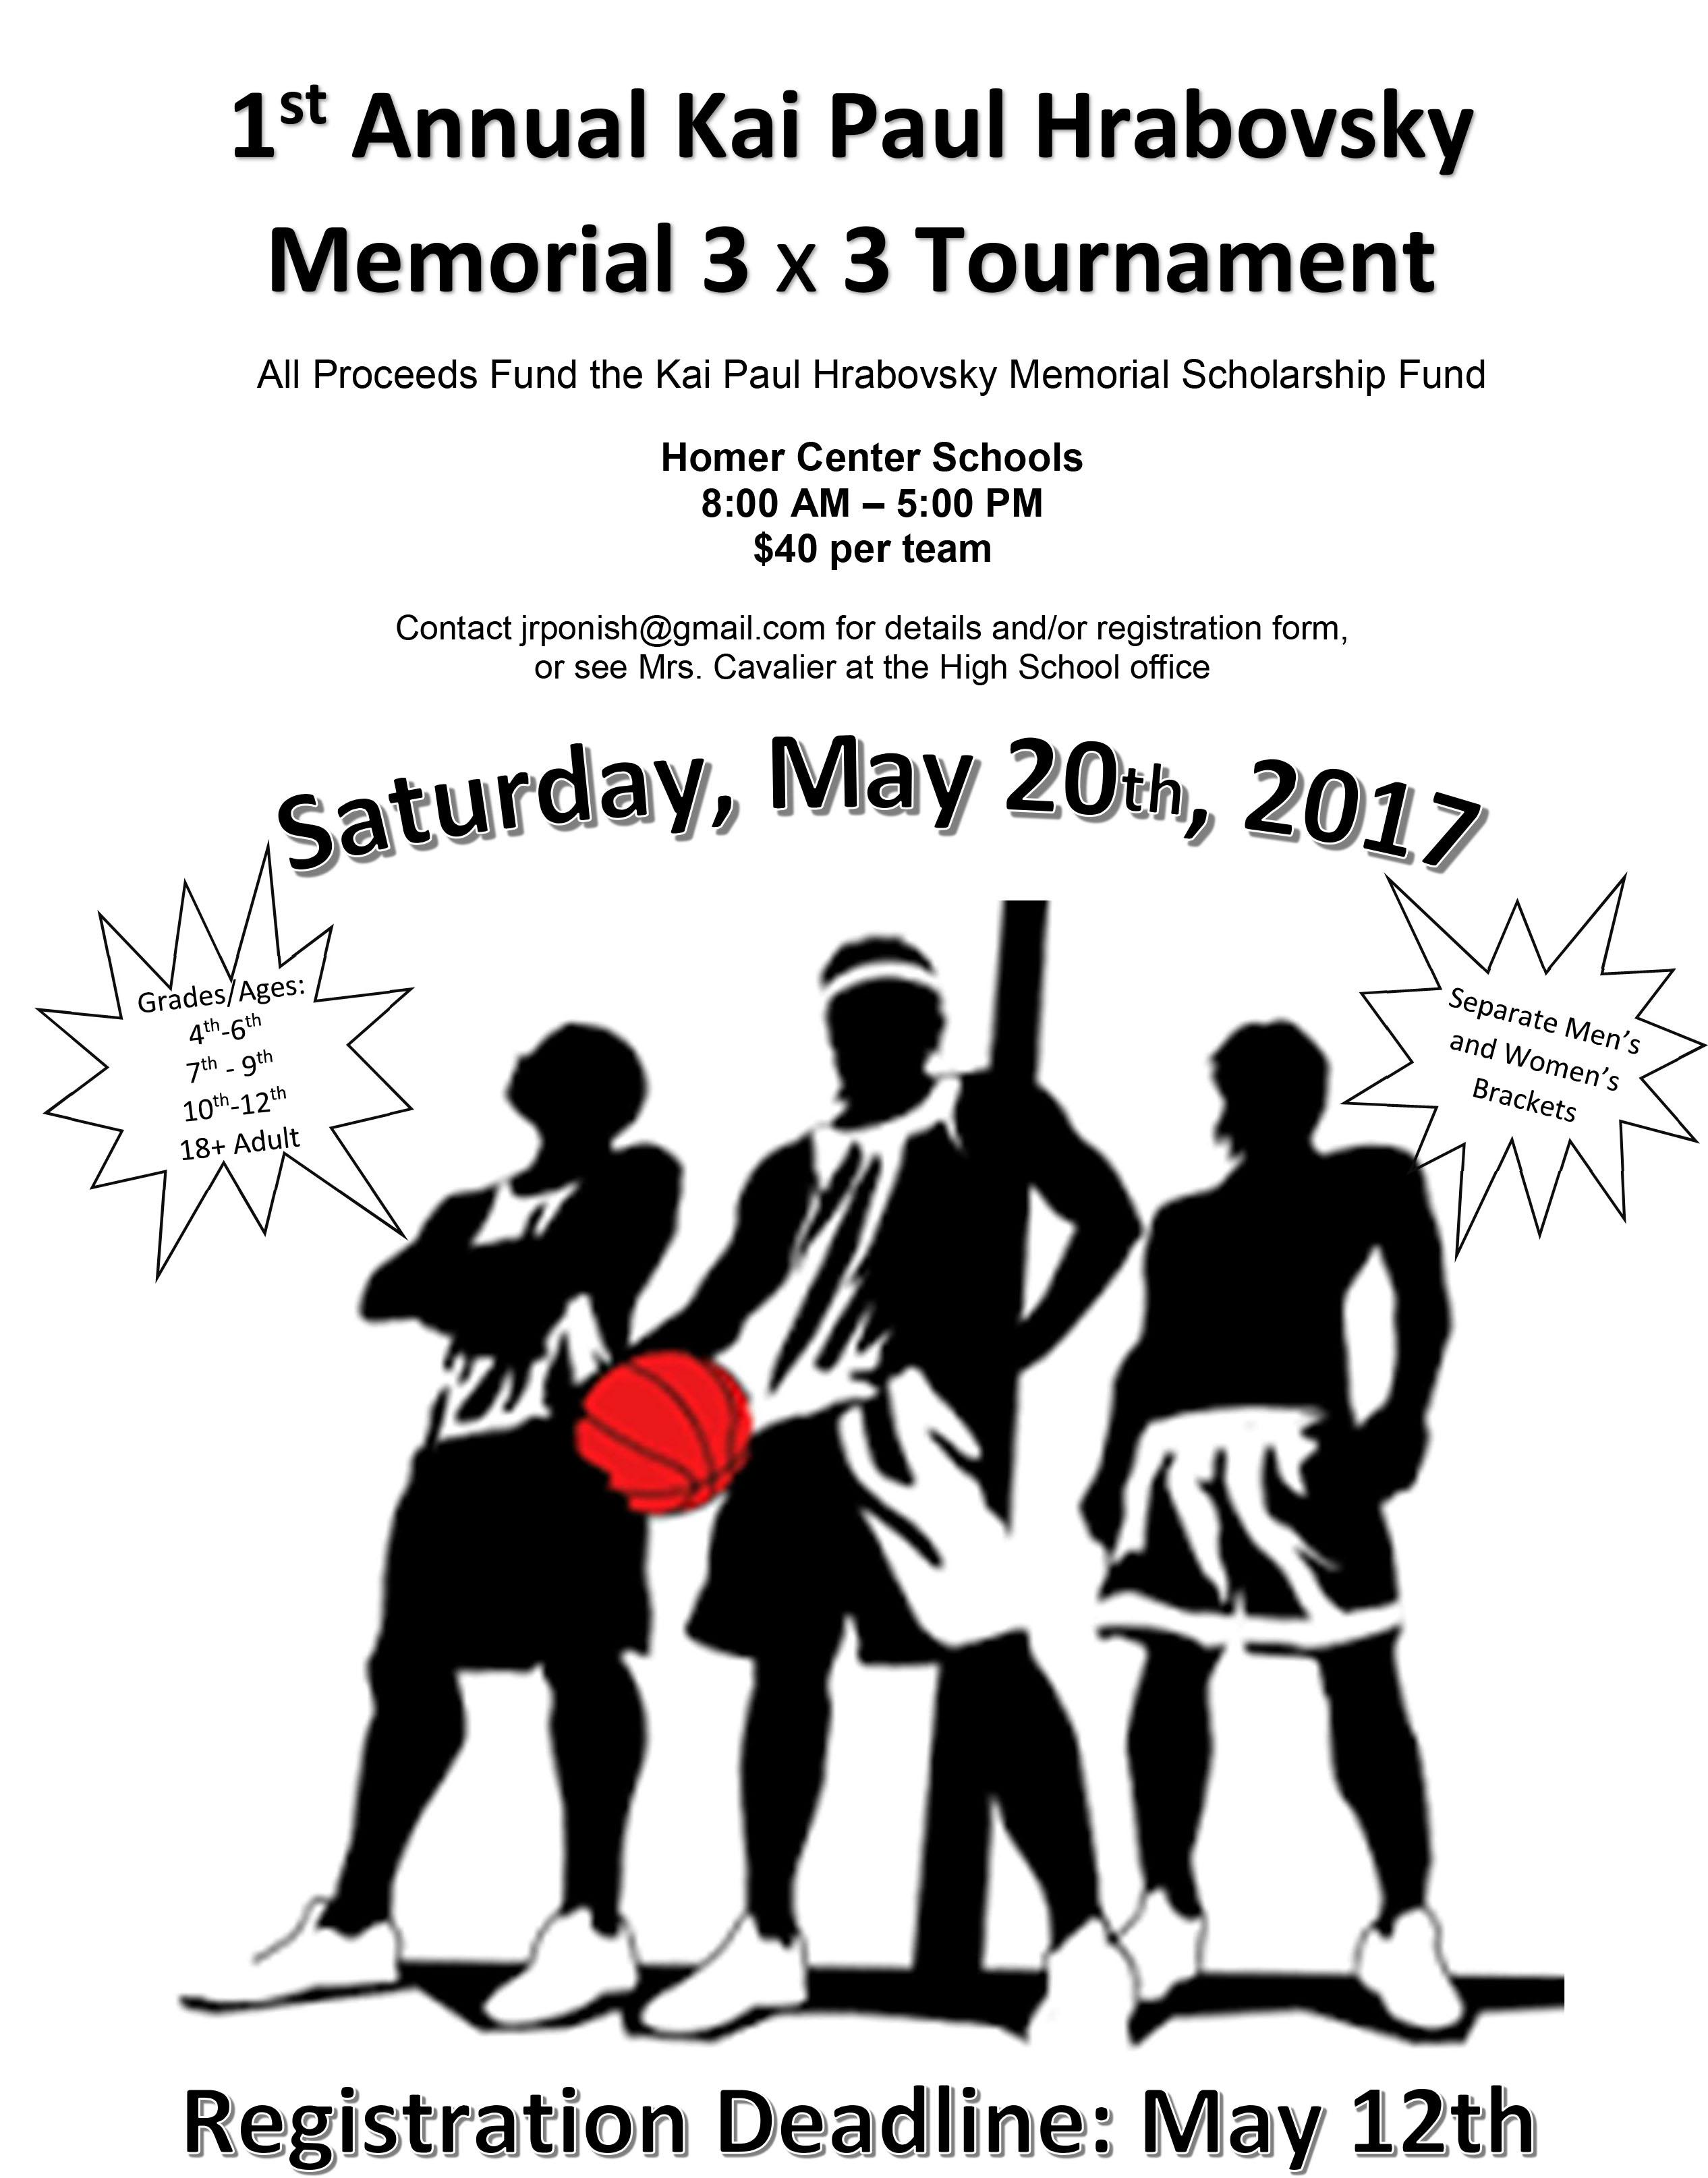 3 on 3 basketball tournament flyer - Hunt.hankk.co